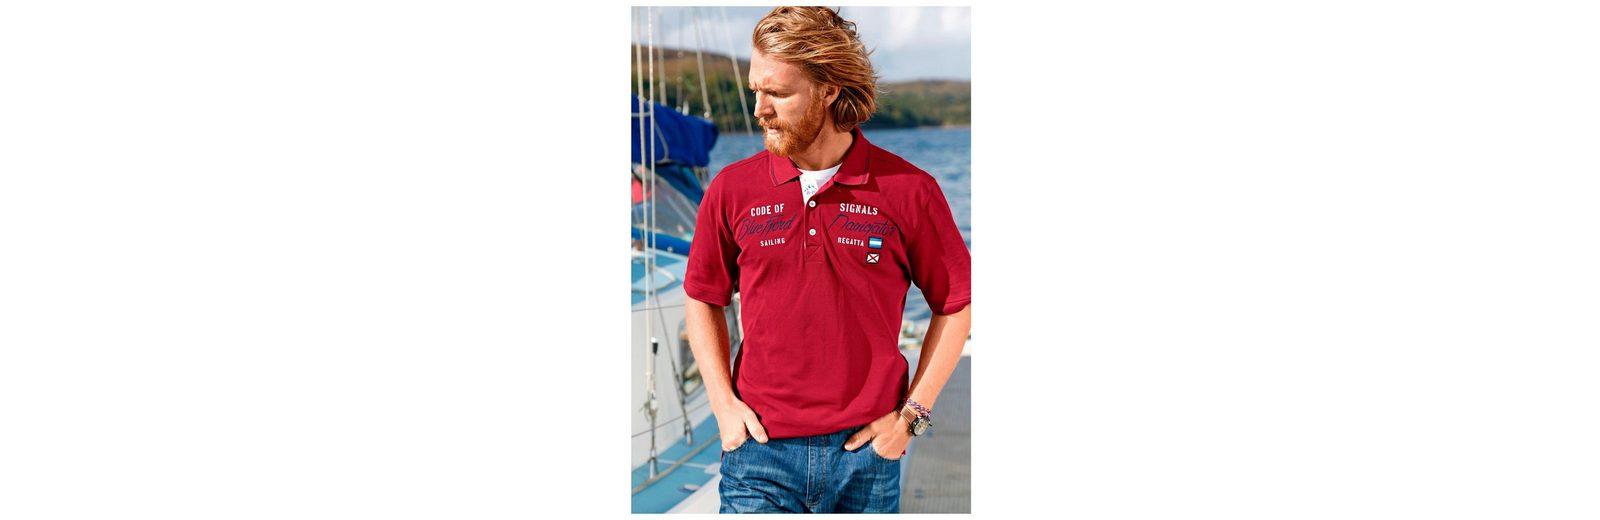 Jan Vanderstorm Poloshirt ROBRECHT Countdown-Paket Freies Verschiffen Erhalten Authentisch Shop-Angebot Verkauf Online Strapazierfähiges AROtAU